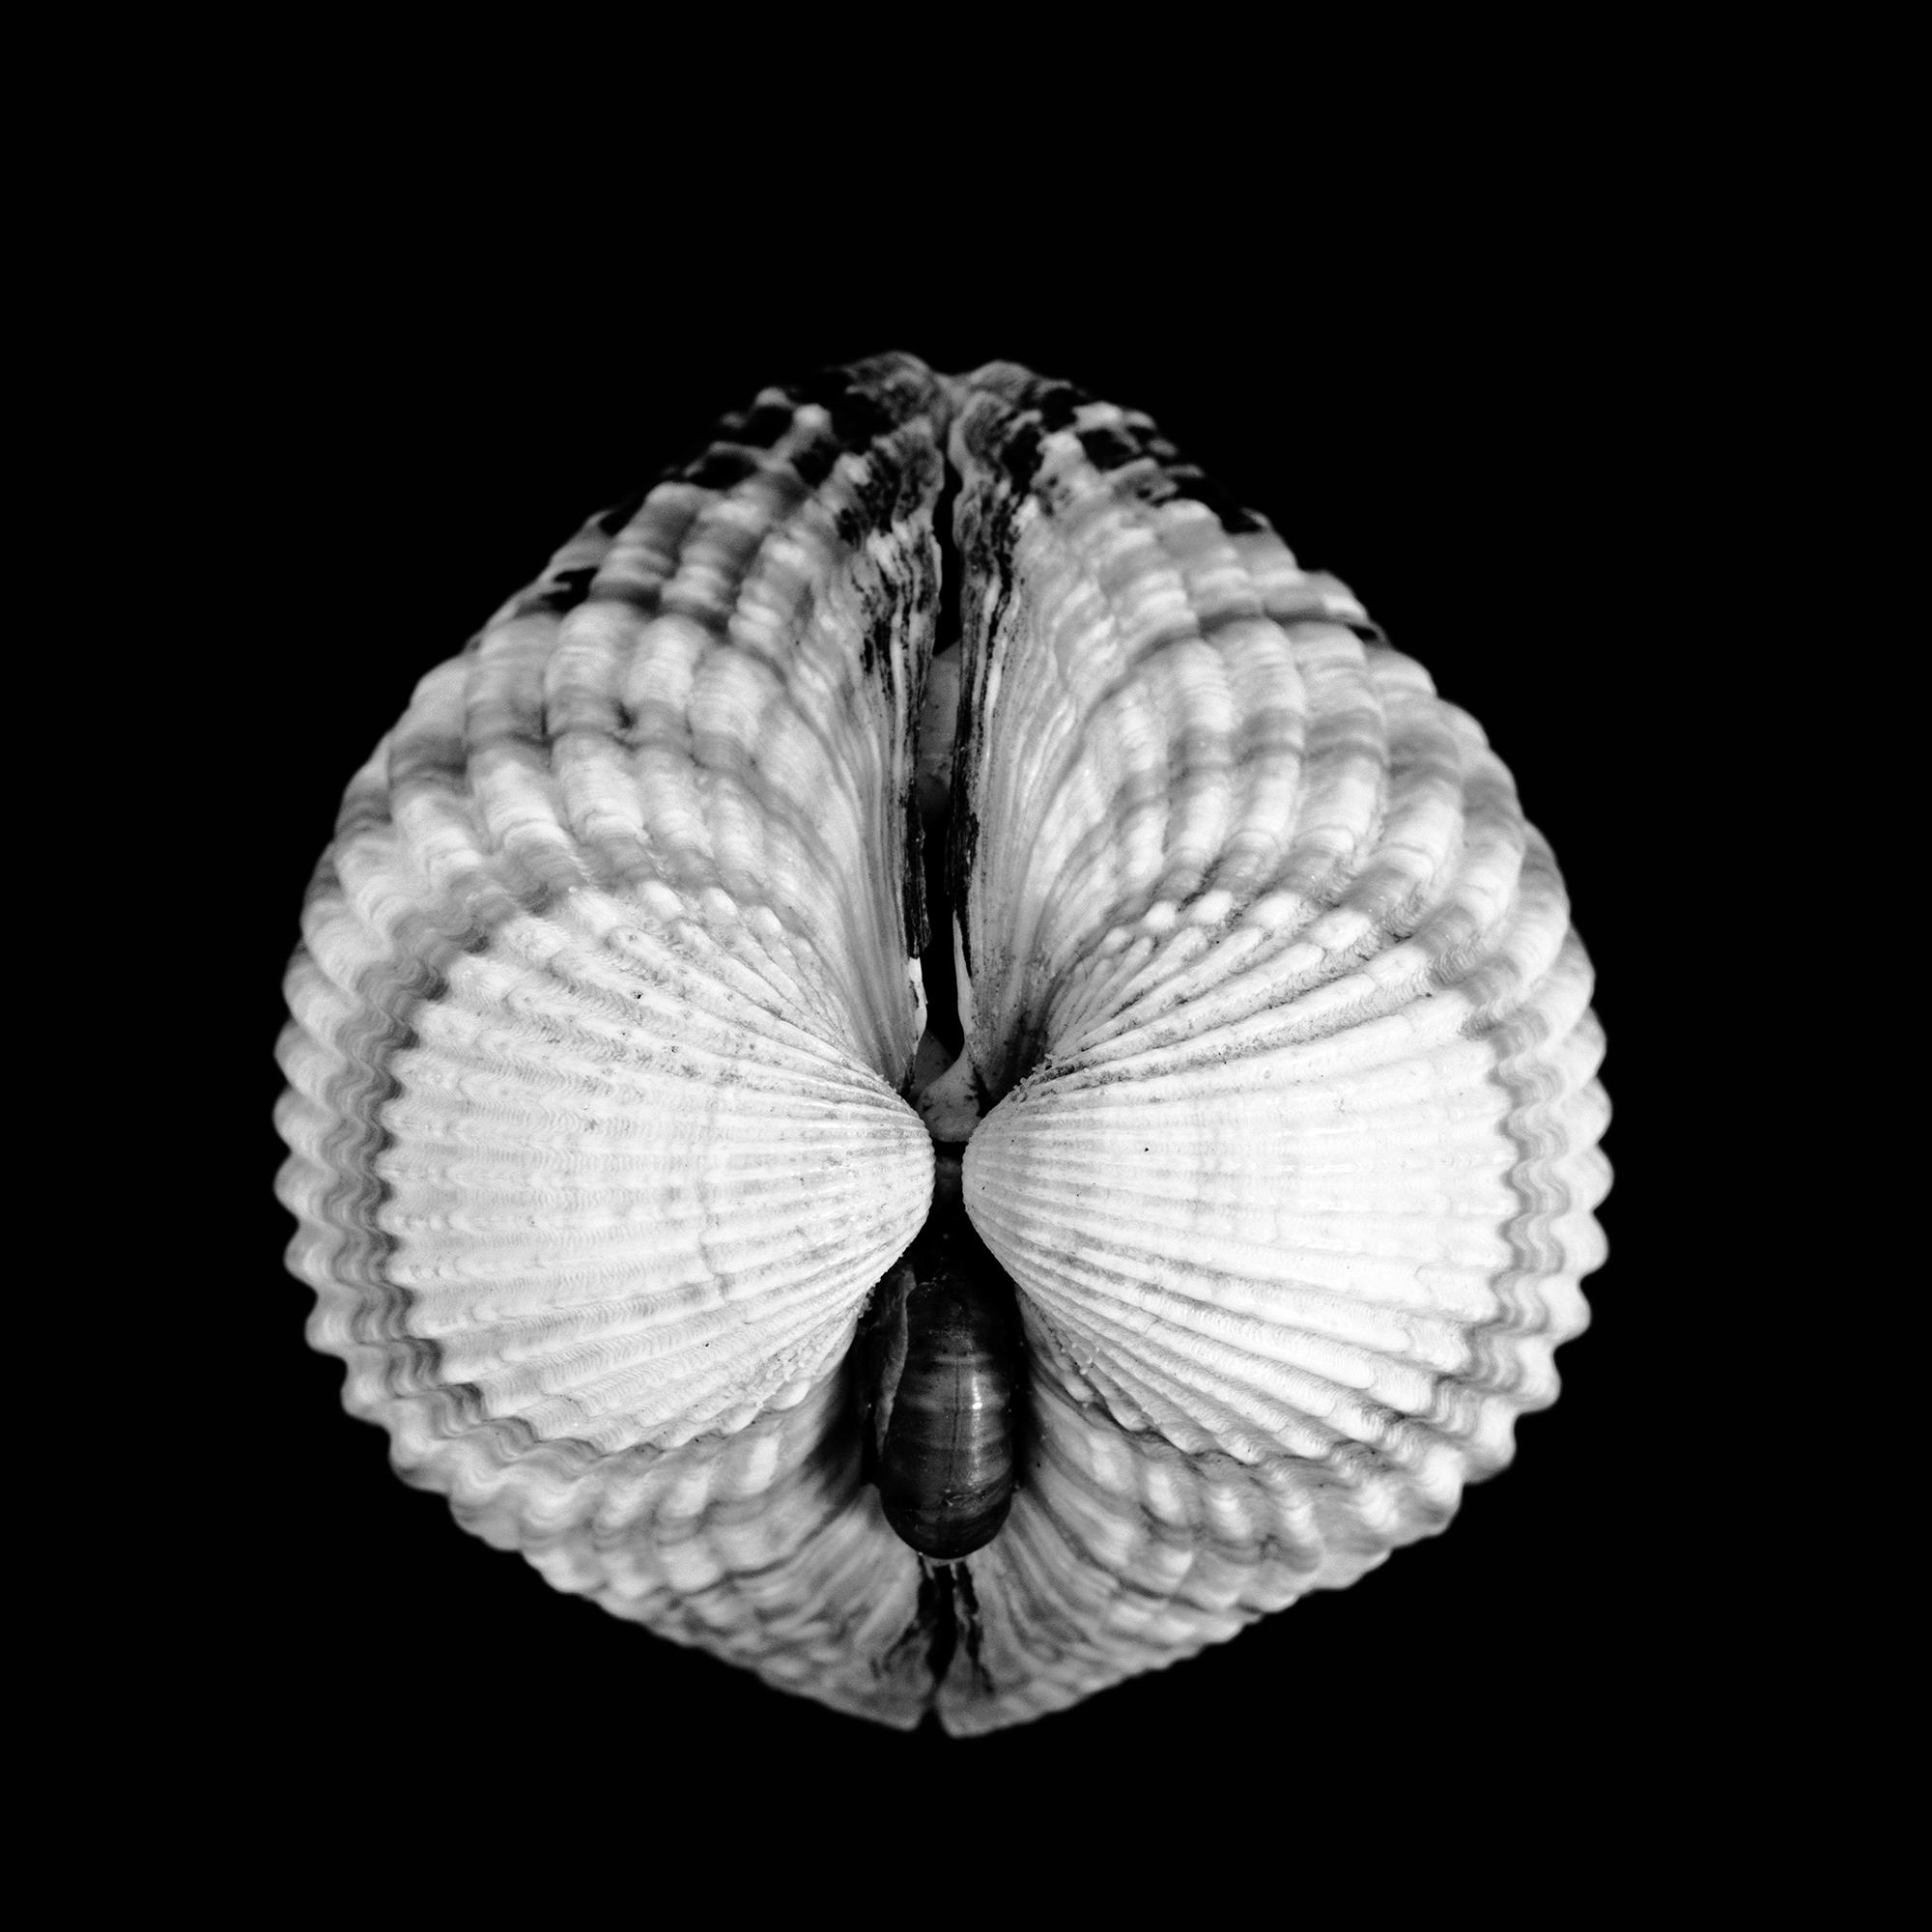 Cardium cardiidae, Zara